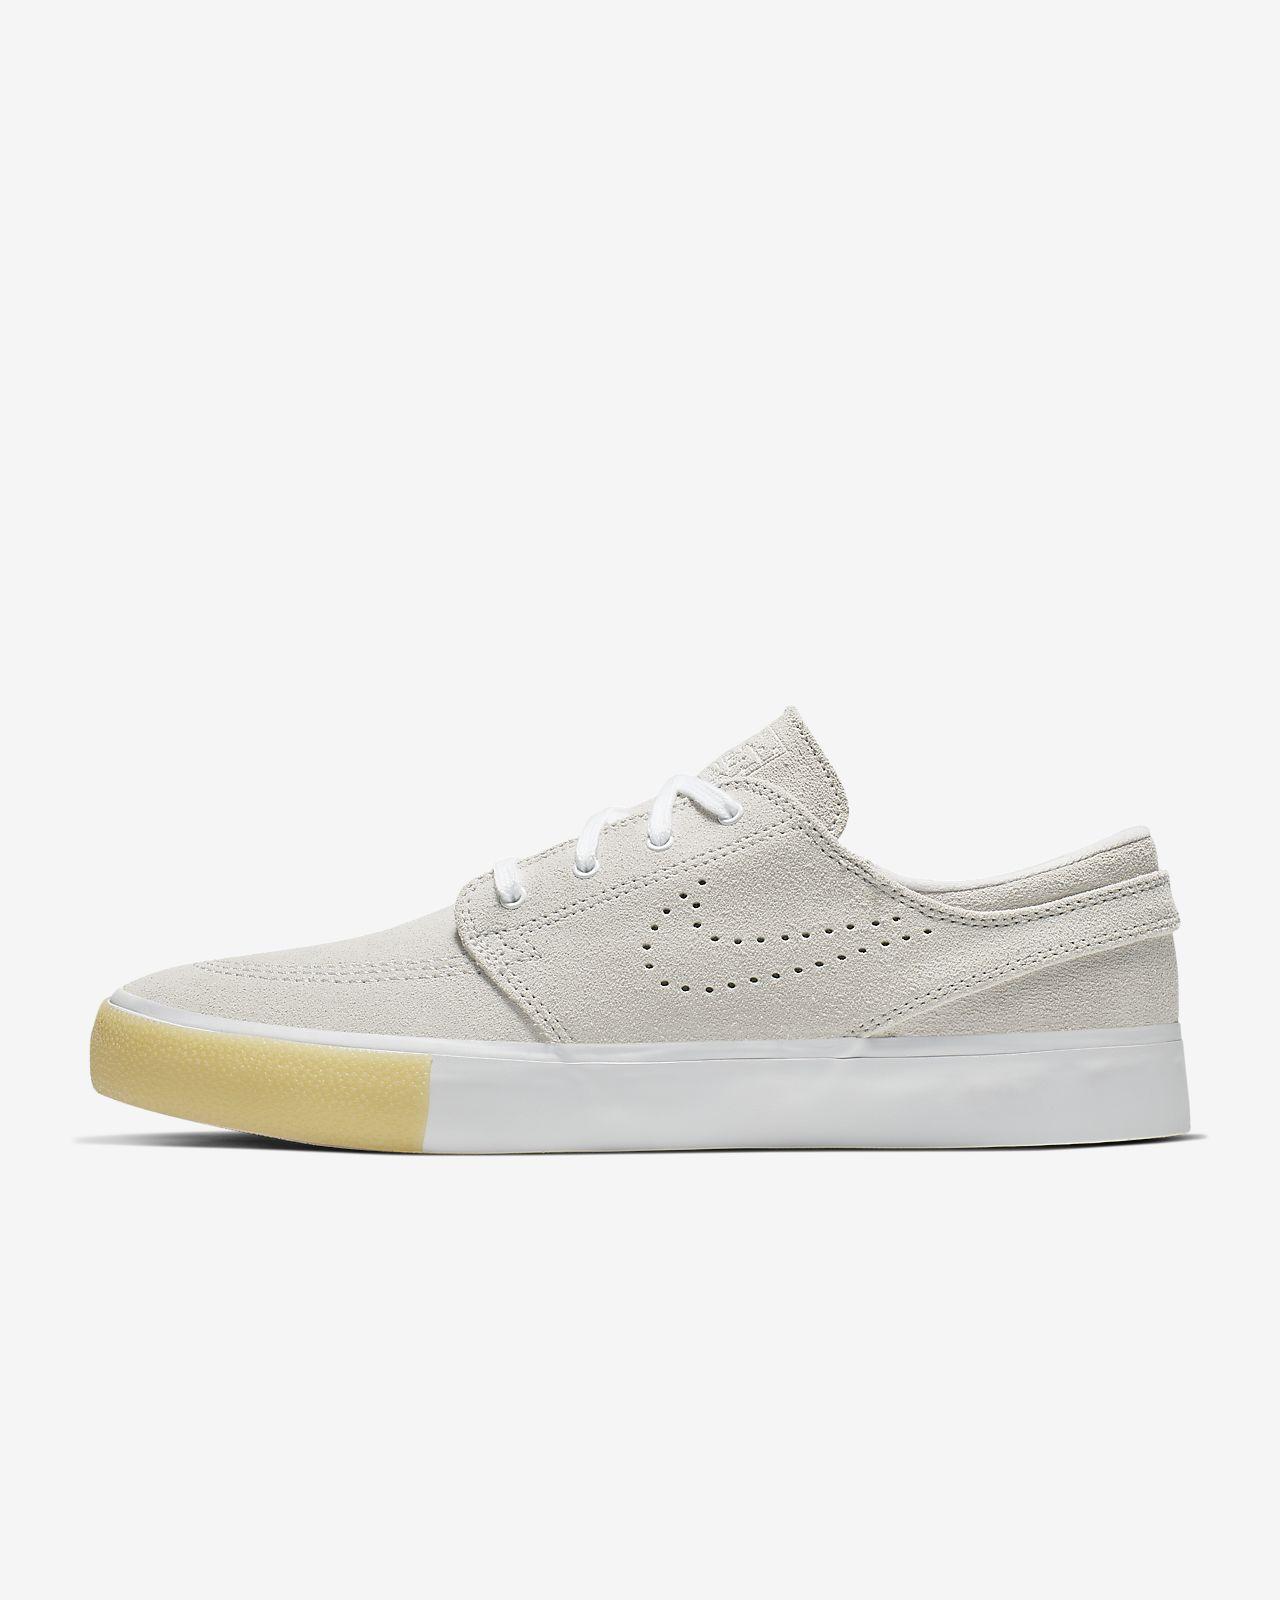 dobrze out x dostępność w Wielkiej Brytanii nowy autentyczny Buty do skateboardingu Nike SB Zoom Stefan Janoski RM SE